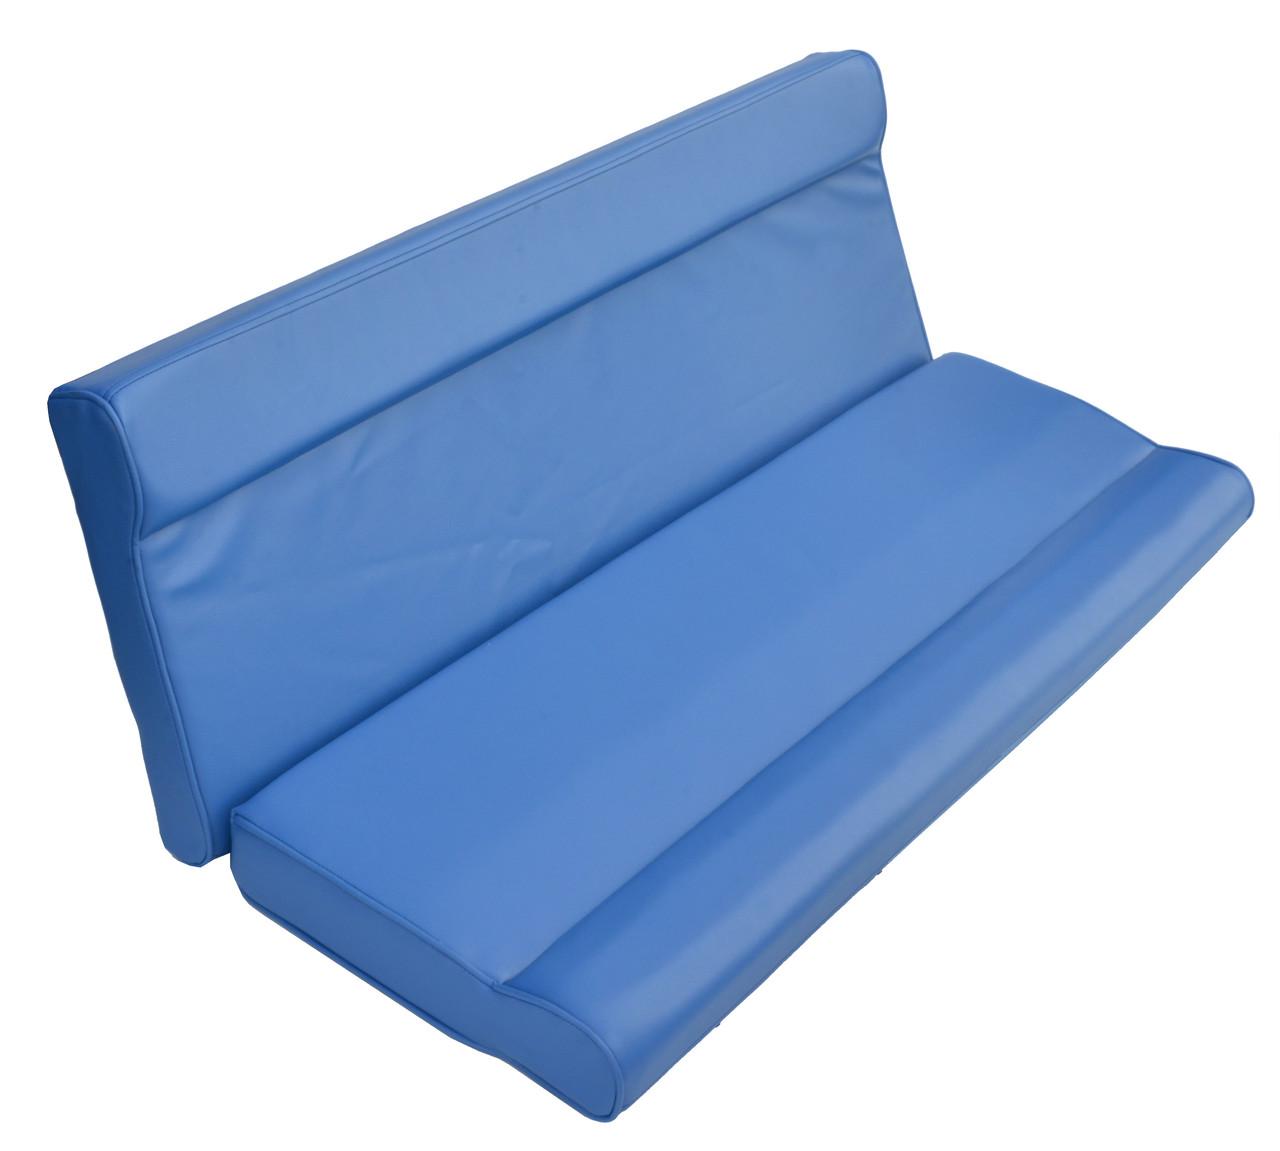 Спинка дивана для катера 120см синяя 1082051